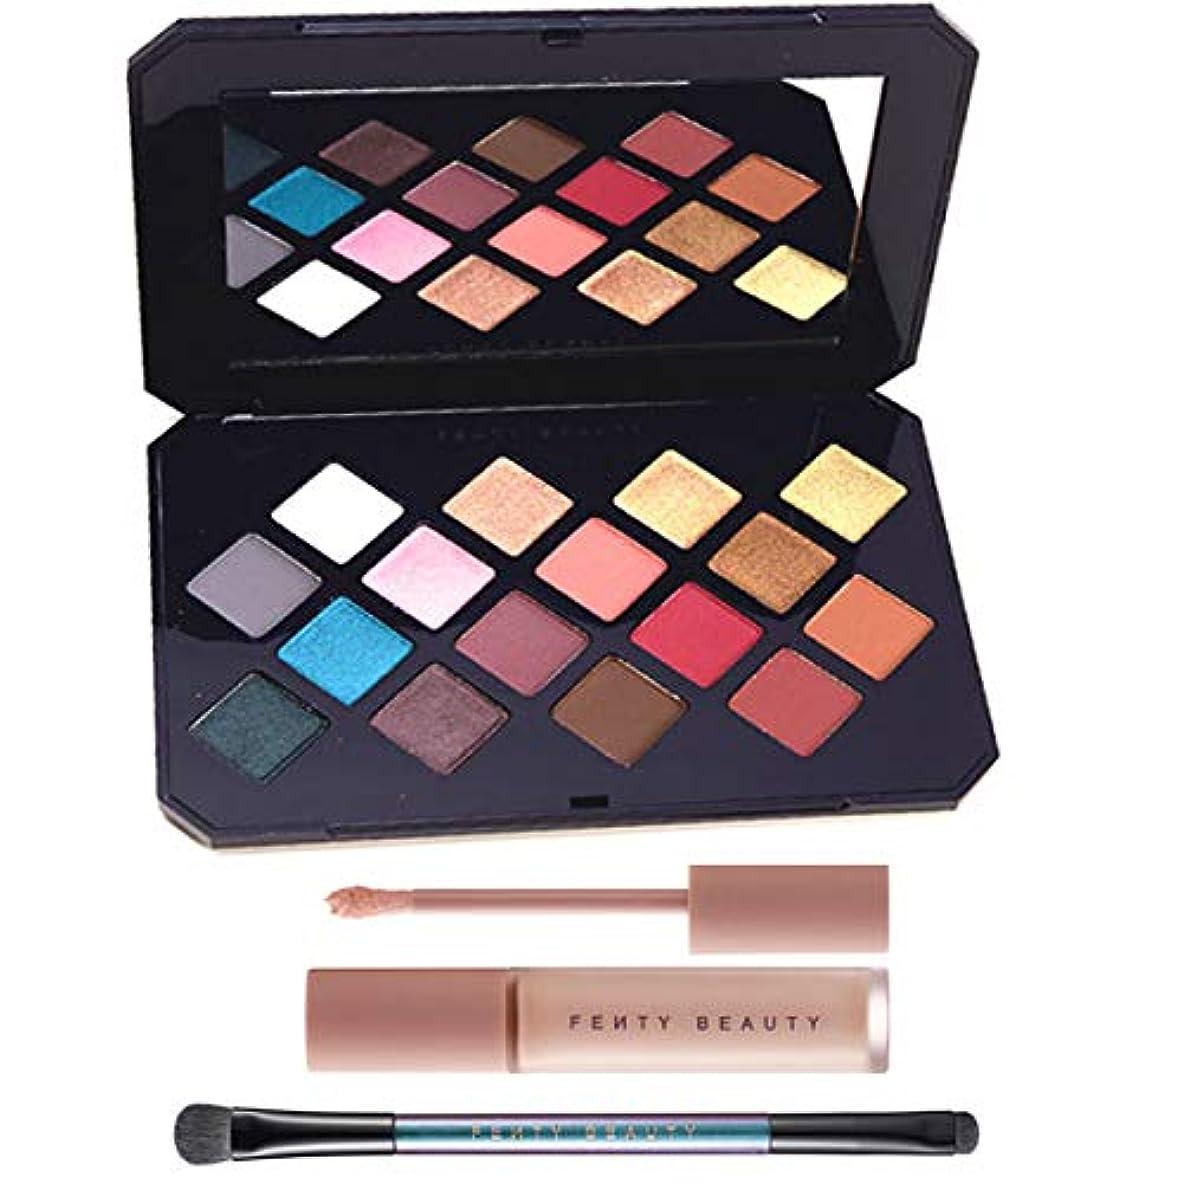 荒野あいまいなシミュレートするFENTY BEAUTY BY RIHANNA, Moroccan Spice Eyeshadow Palette & Eye Essentials [海外直送品] [並行輸入品]